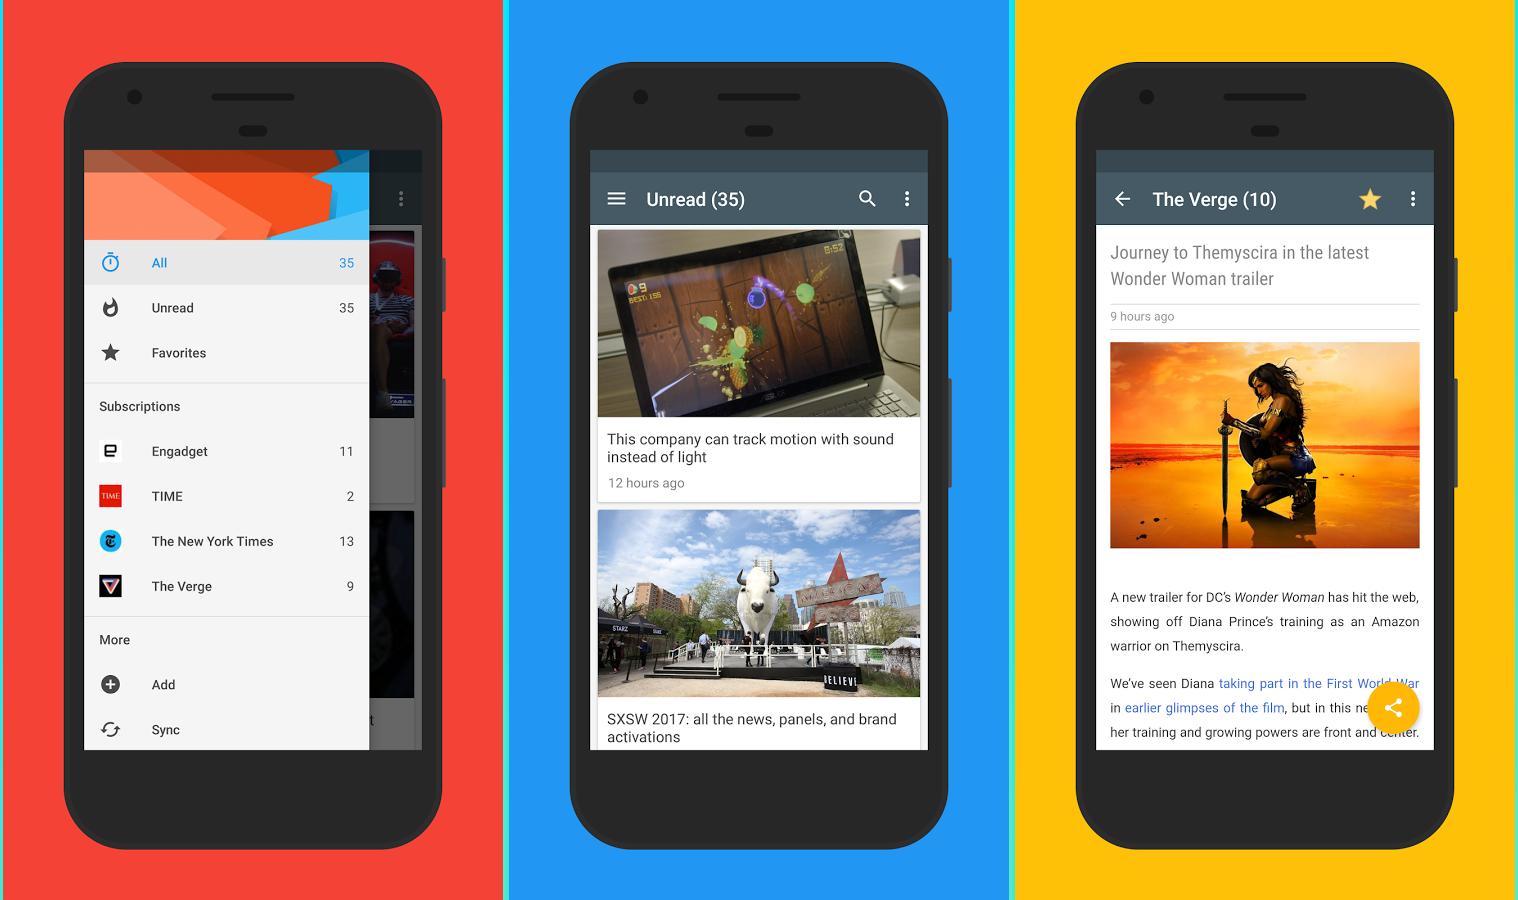 تطبيقRead لقراءة المقالات وخلاصات المواقع RSS - عالم التقنية